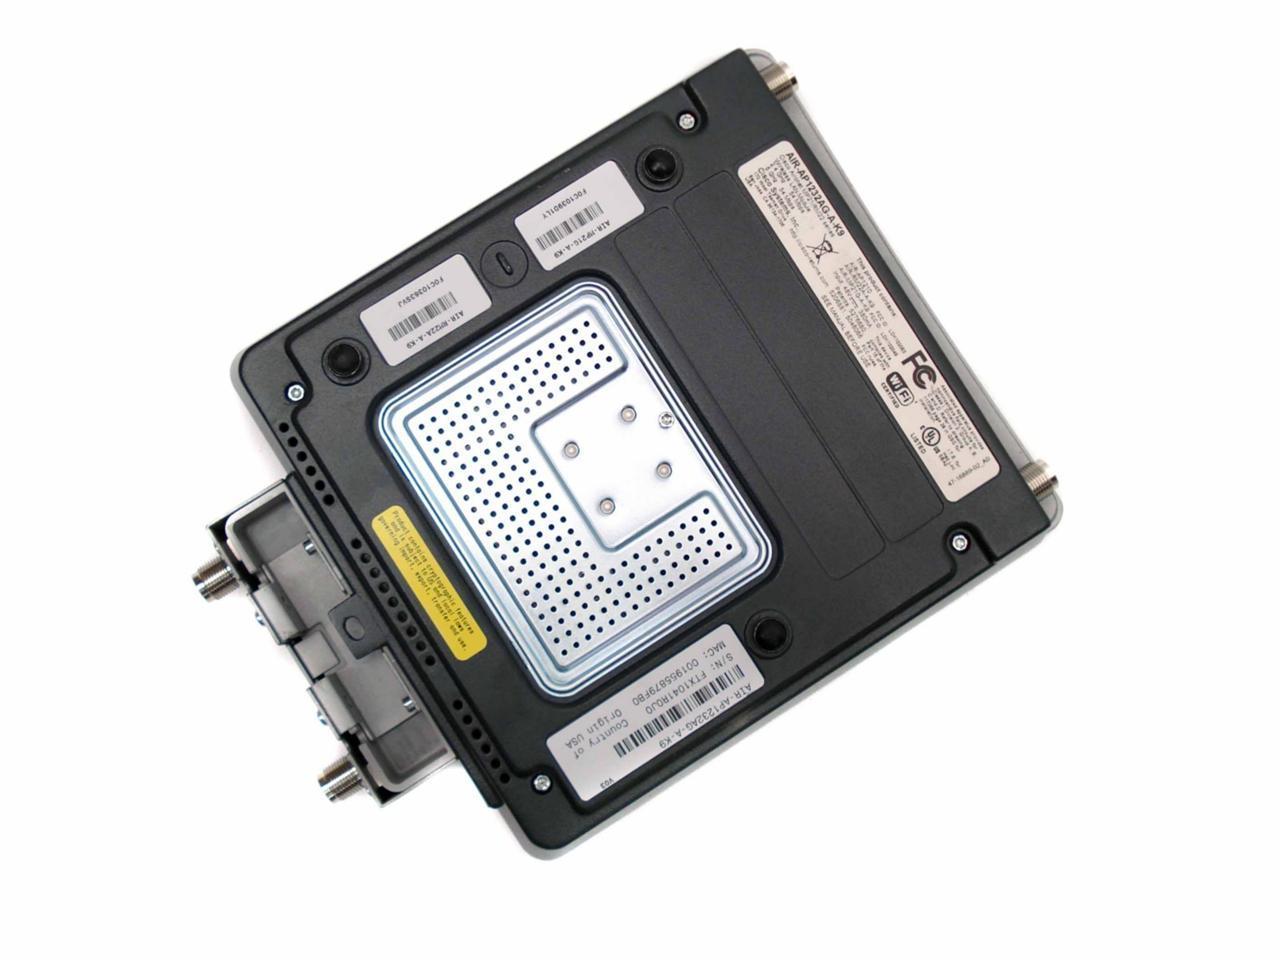 cisco aironet 1200 ag series manual